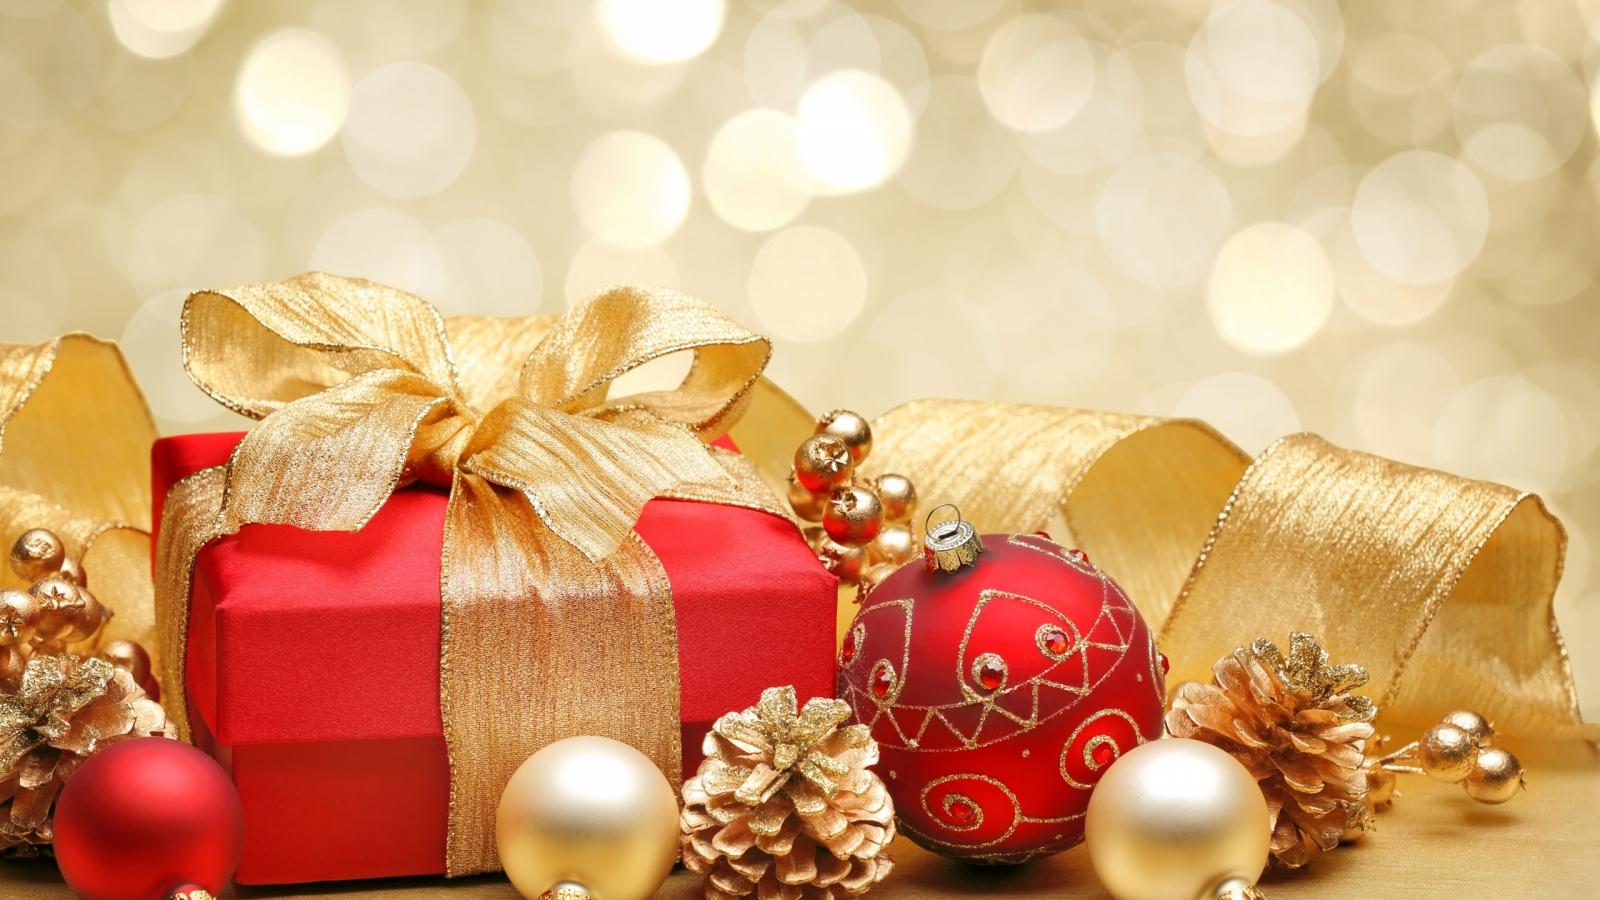 Anteriorsiguiente Fondo Navideño Elegante: BANCO DE IMÁGENES: 33 Imágenes Navideñas Para Compartir